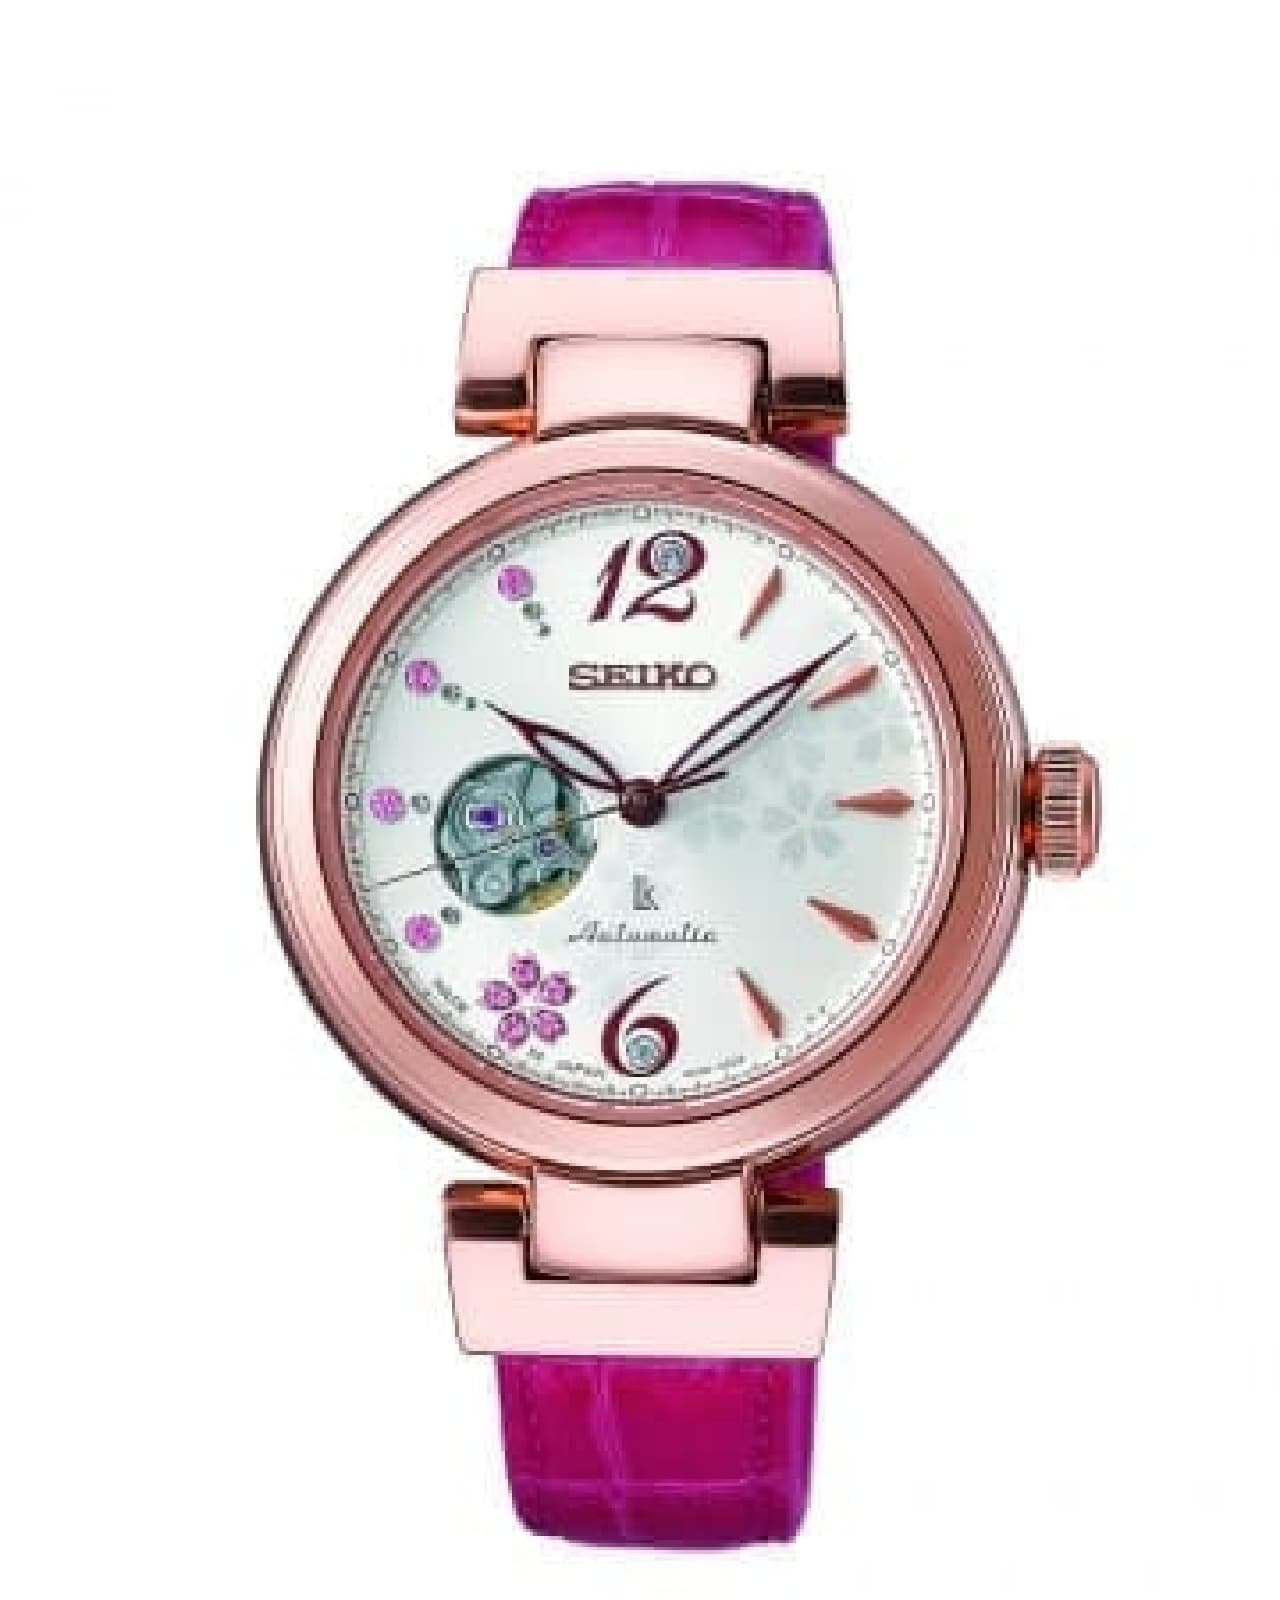 桜をデザインしたセイコーの腕時計「2018 SAKURA Blooming 限定モデル」